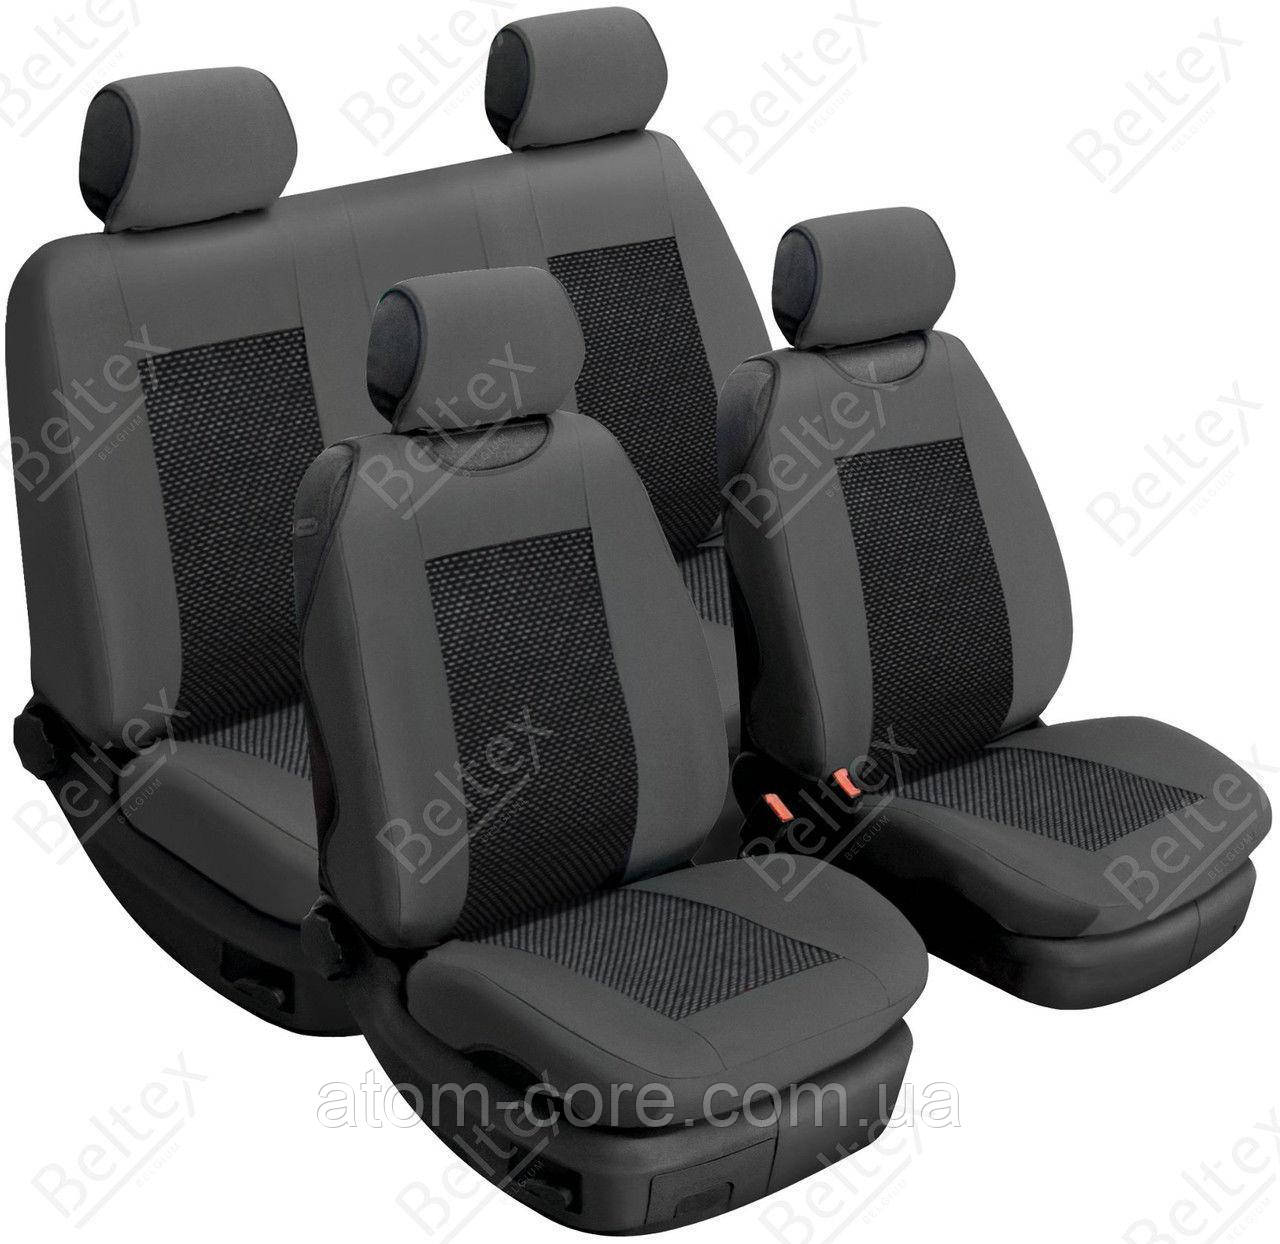 Майки/чехлы на сиденья Митсубиси Галант 7 (Mitsubishi Galant VII)